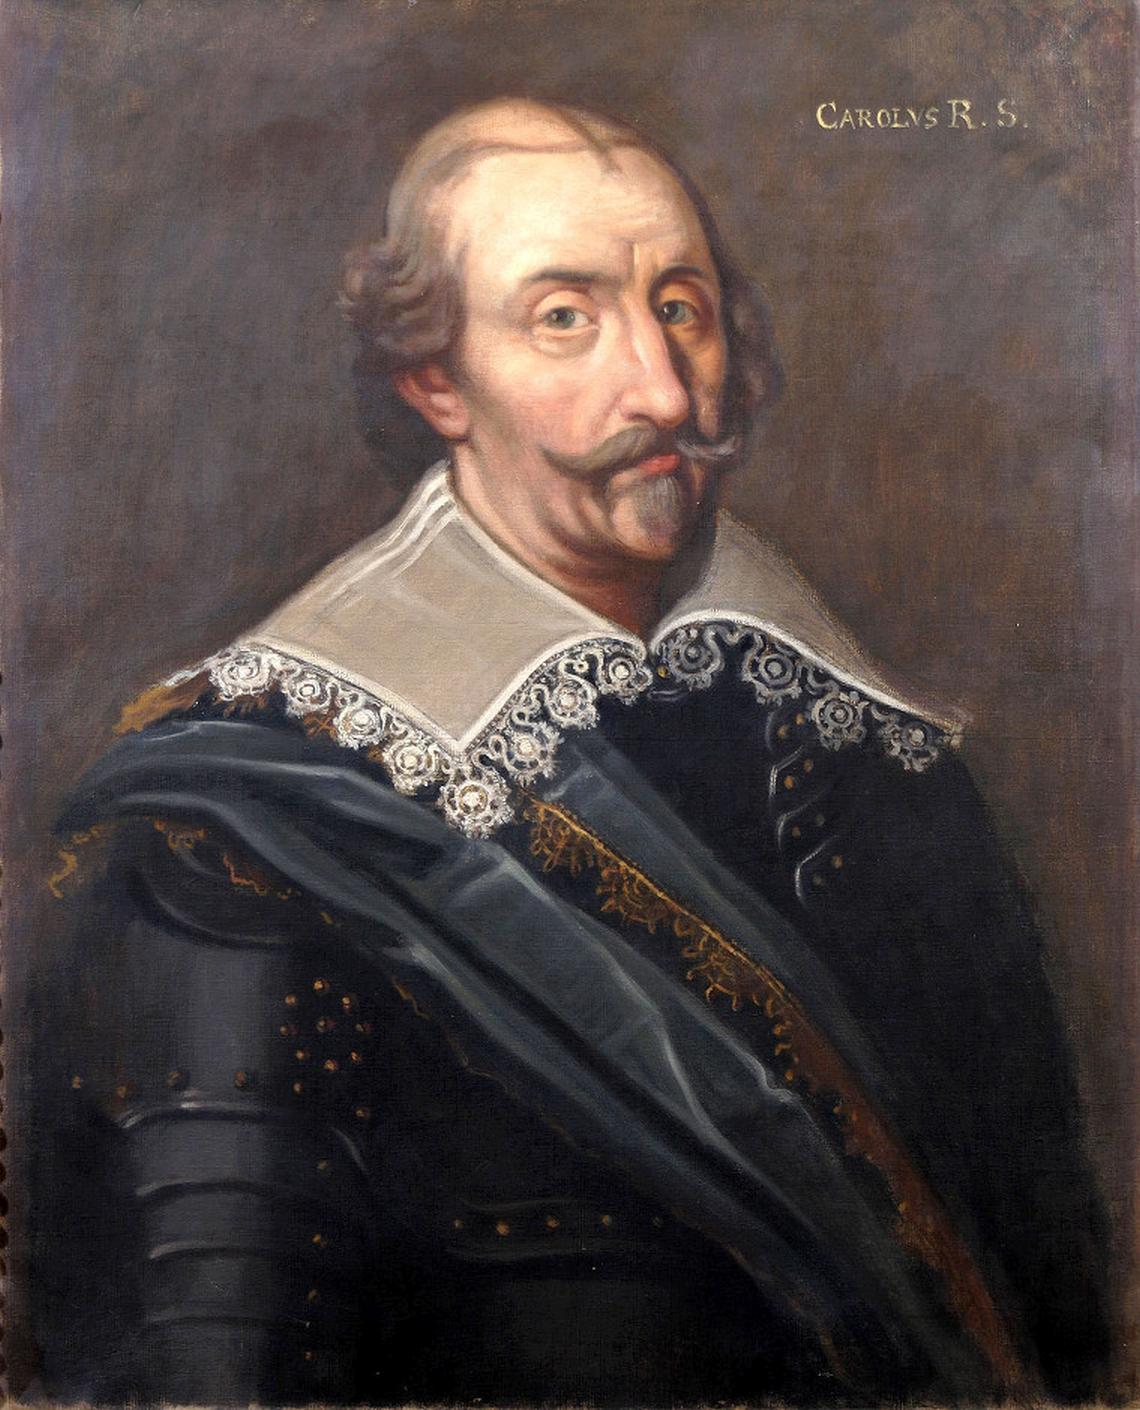 Hertig Karl Karol IX Waza, zwany Karolem Sudermańskim lub księciem Karolem (szw. Hertig Karl), król Szwecji.Był najmłodszym synem Gustawa Wazy, przyrodnim bratem Eryka XIV iJana III, ojcem Gustawa II Adolfa. Wtrakcie panowania Jana III Wazy dochodziło do konfliktów między braćmi, lecz na zrealizowanie swoich ambicji książę Karol musiał czekać aż do śmierci Jana III. Formalnie miał stanąć na czele rady królewskiej jako regent państwa podczas nieobecności króla, którym został Zygmunt III Waza. Doprowadził jednak do zajęcia terenów wiernych Zygmuntowi, awotwartej wojnie pokonał wojska polskie iich stronników. Za ciekawostkę można uznać fakt, że przed Karolem IX było jedynie dwóch władców Szwecji, którzy nosili takie imię; dziewiątka wzięła się stąd, że XVI-wieczny historyk szwedzki - Jan Månsson, zwany Wielkim - wswej pracy Dzieje wszystkich królów Gotów iSzwedów listę władców Szwecji wyprowadził od wnuka Noego - Magoga. Źródło: autor nieznany, Hertig Karl, olej na płótnie, domena publiczna.